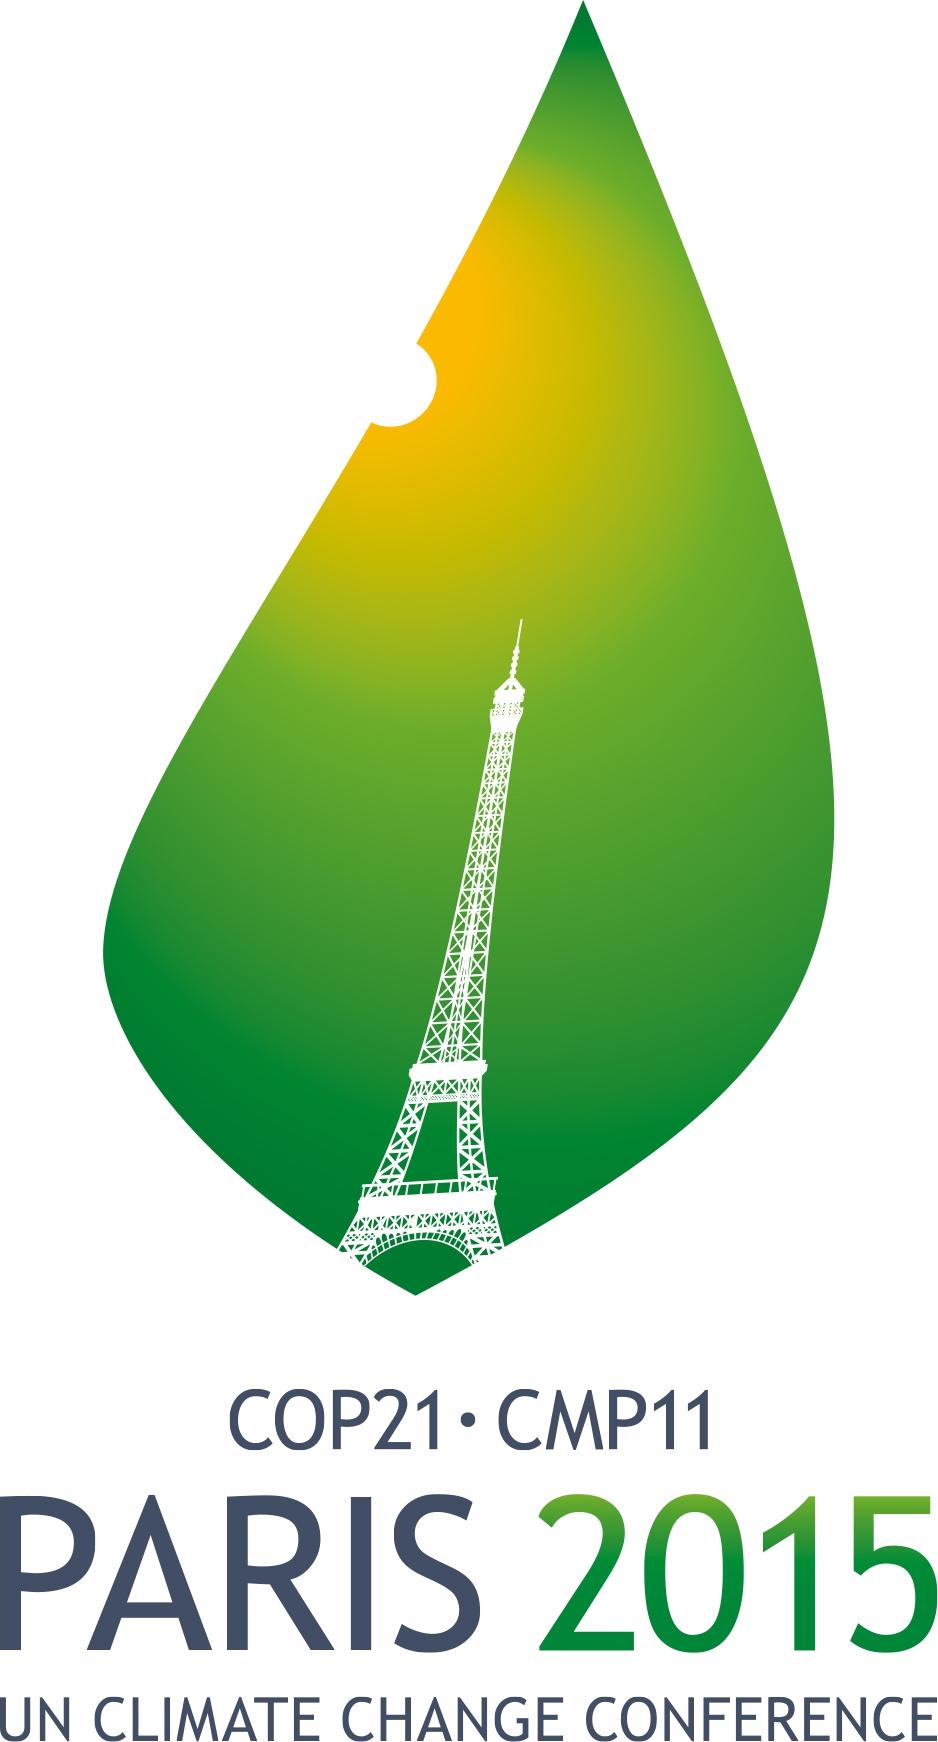 Logotype officiel représentant la tour Eiffel ciselée sur une feuille d'arbre que la chaleur du soleil commence à brûler.